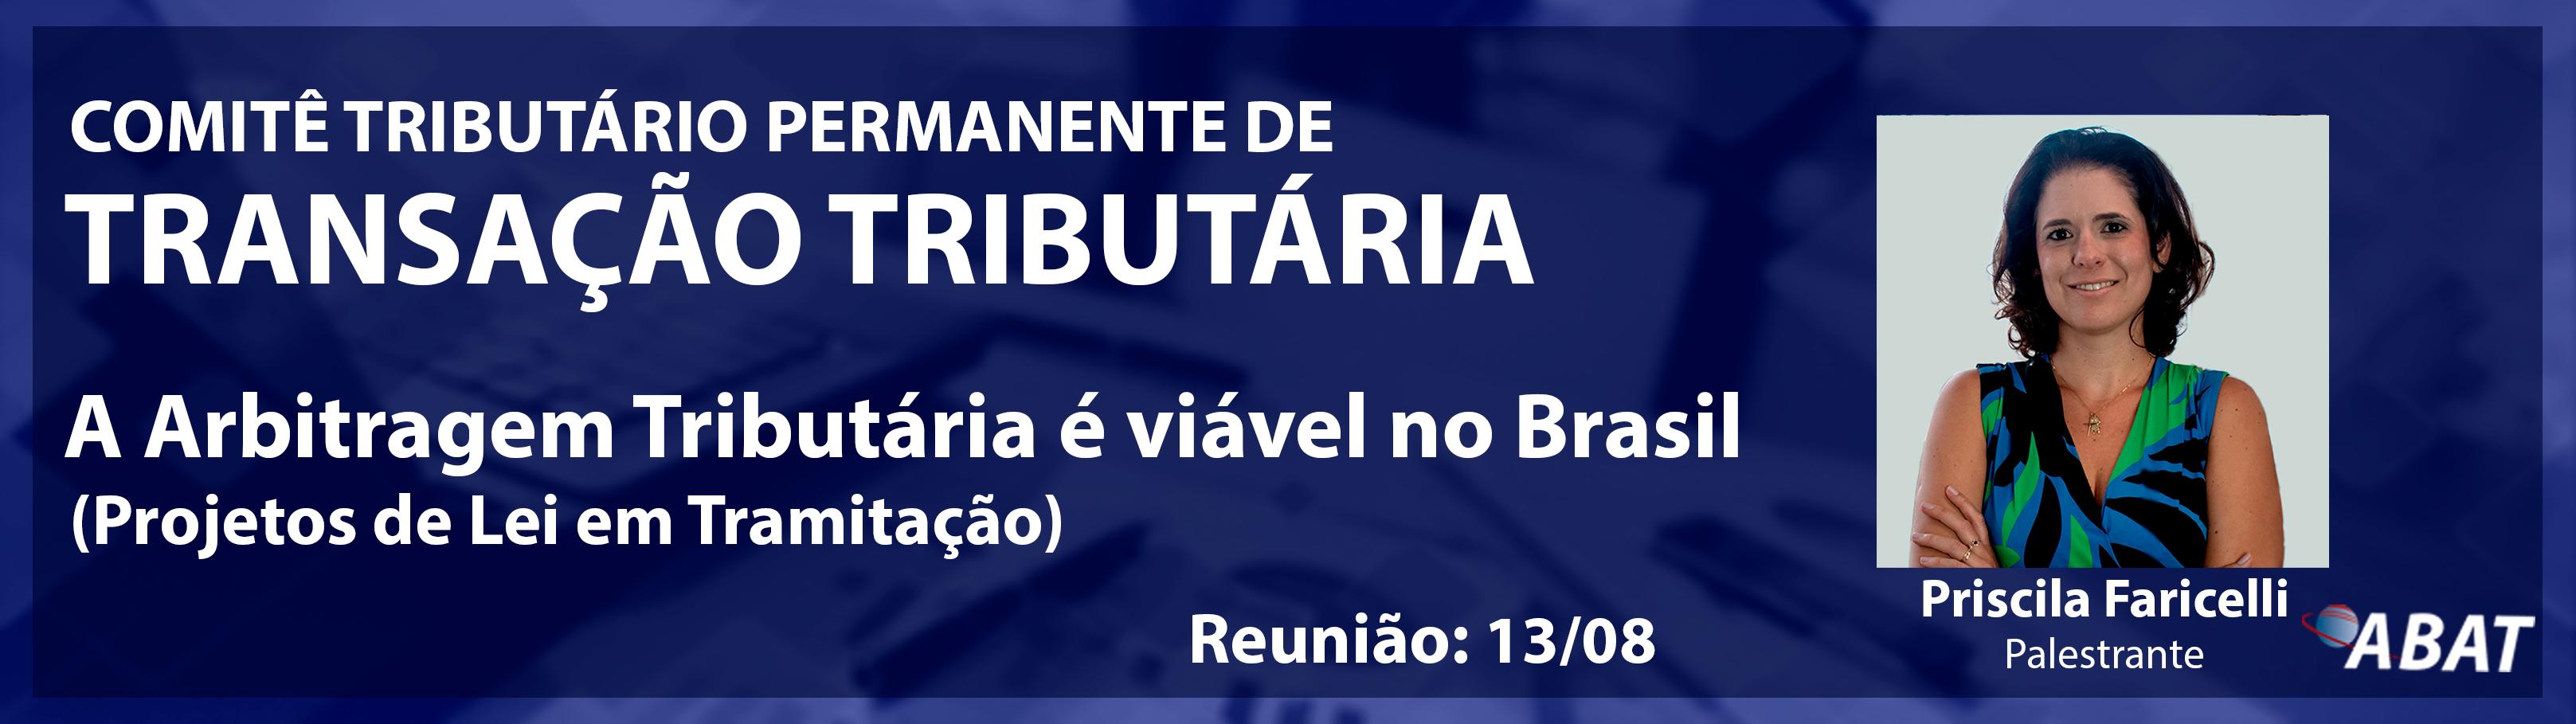 BANNER-PALESTRANTE-PRISCILA-COMITÊ-TRIBUTÁRIO-PERMANENTE-DE-TRANSAÇÃO-TRIBUTÁRIA